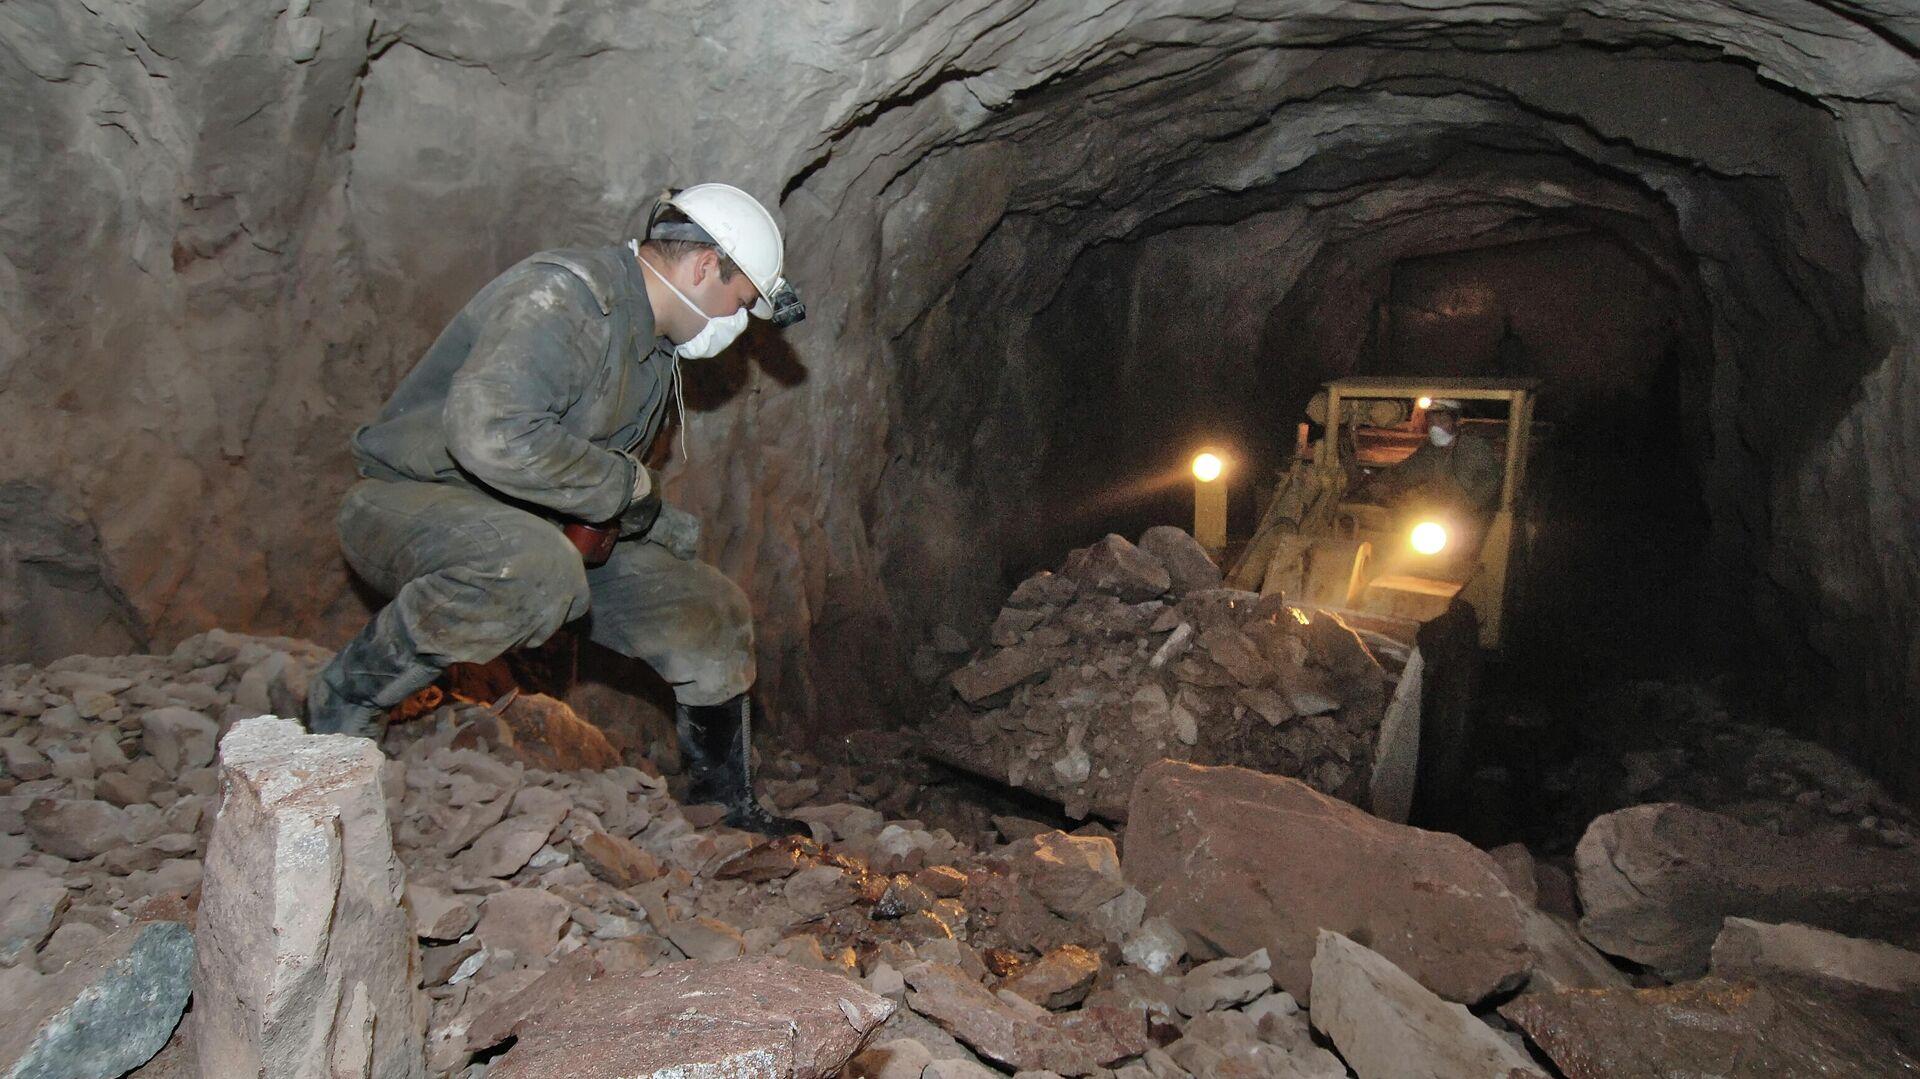 Добыча урановой руды - РИА Новости, 1920, 20.09.2020